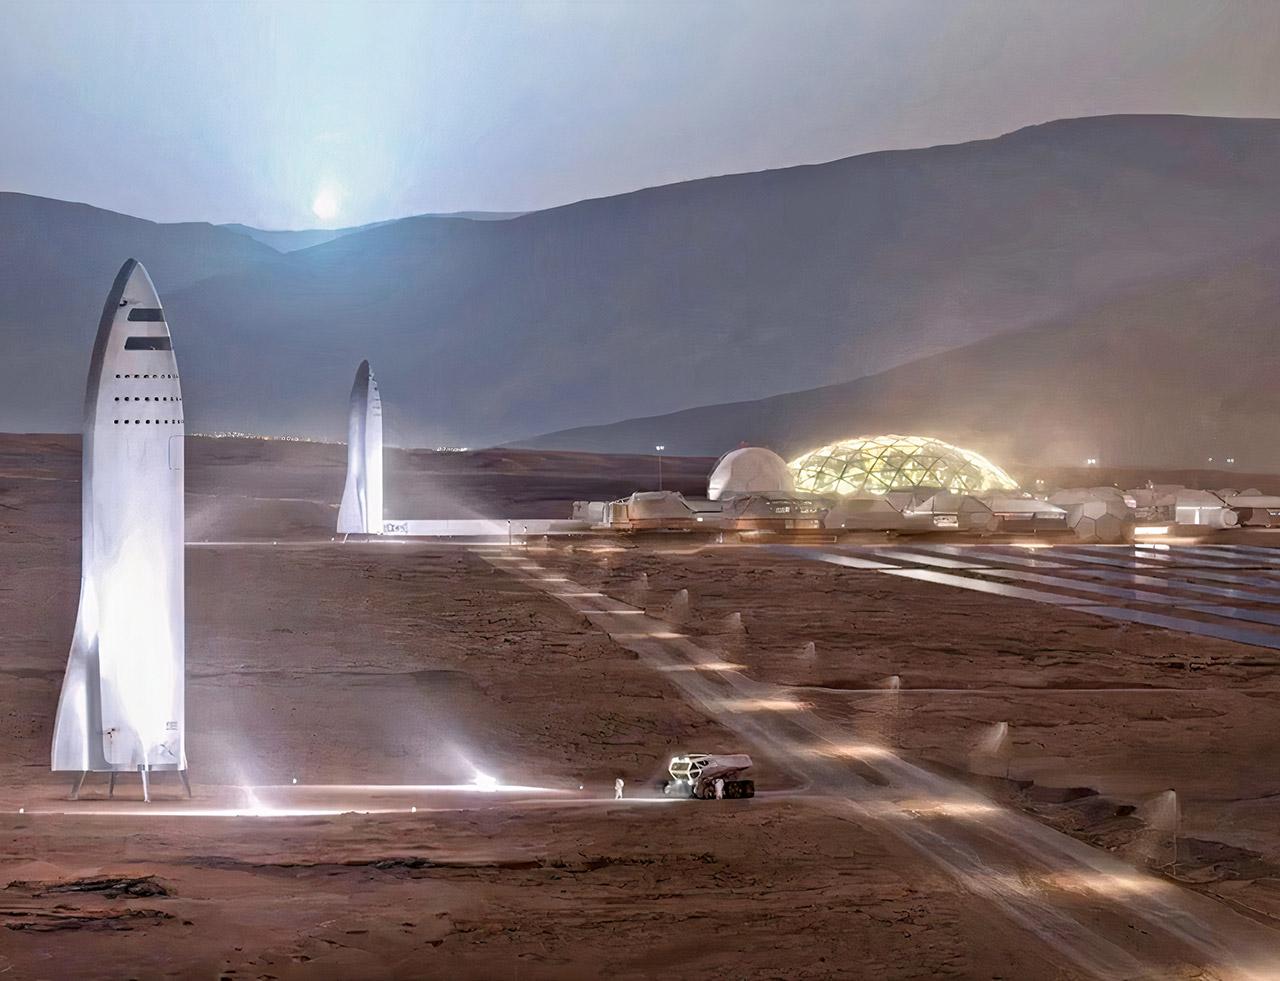 Michio Kaku Elon Musk Mars